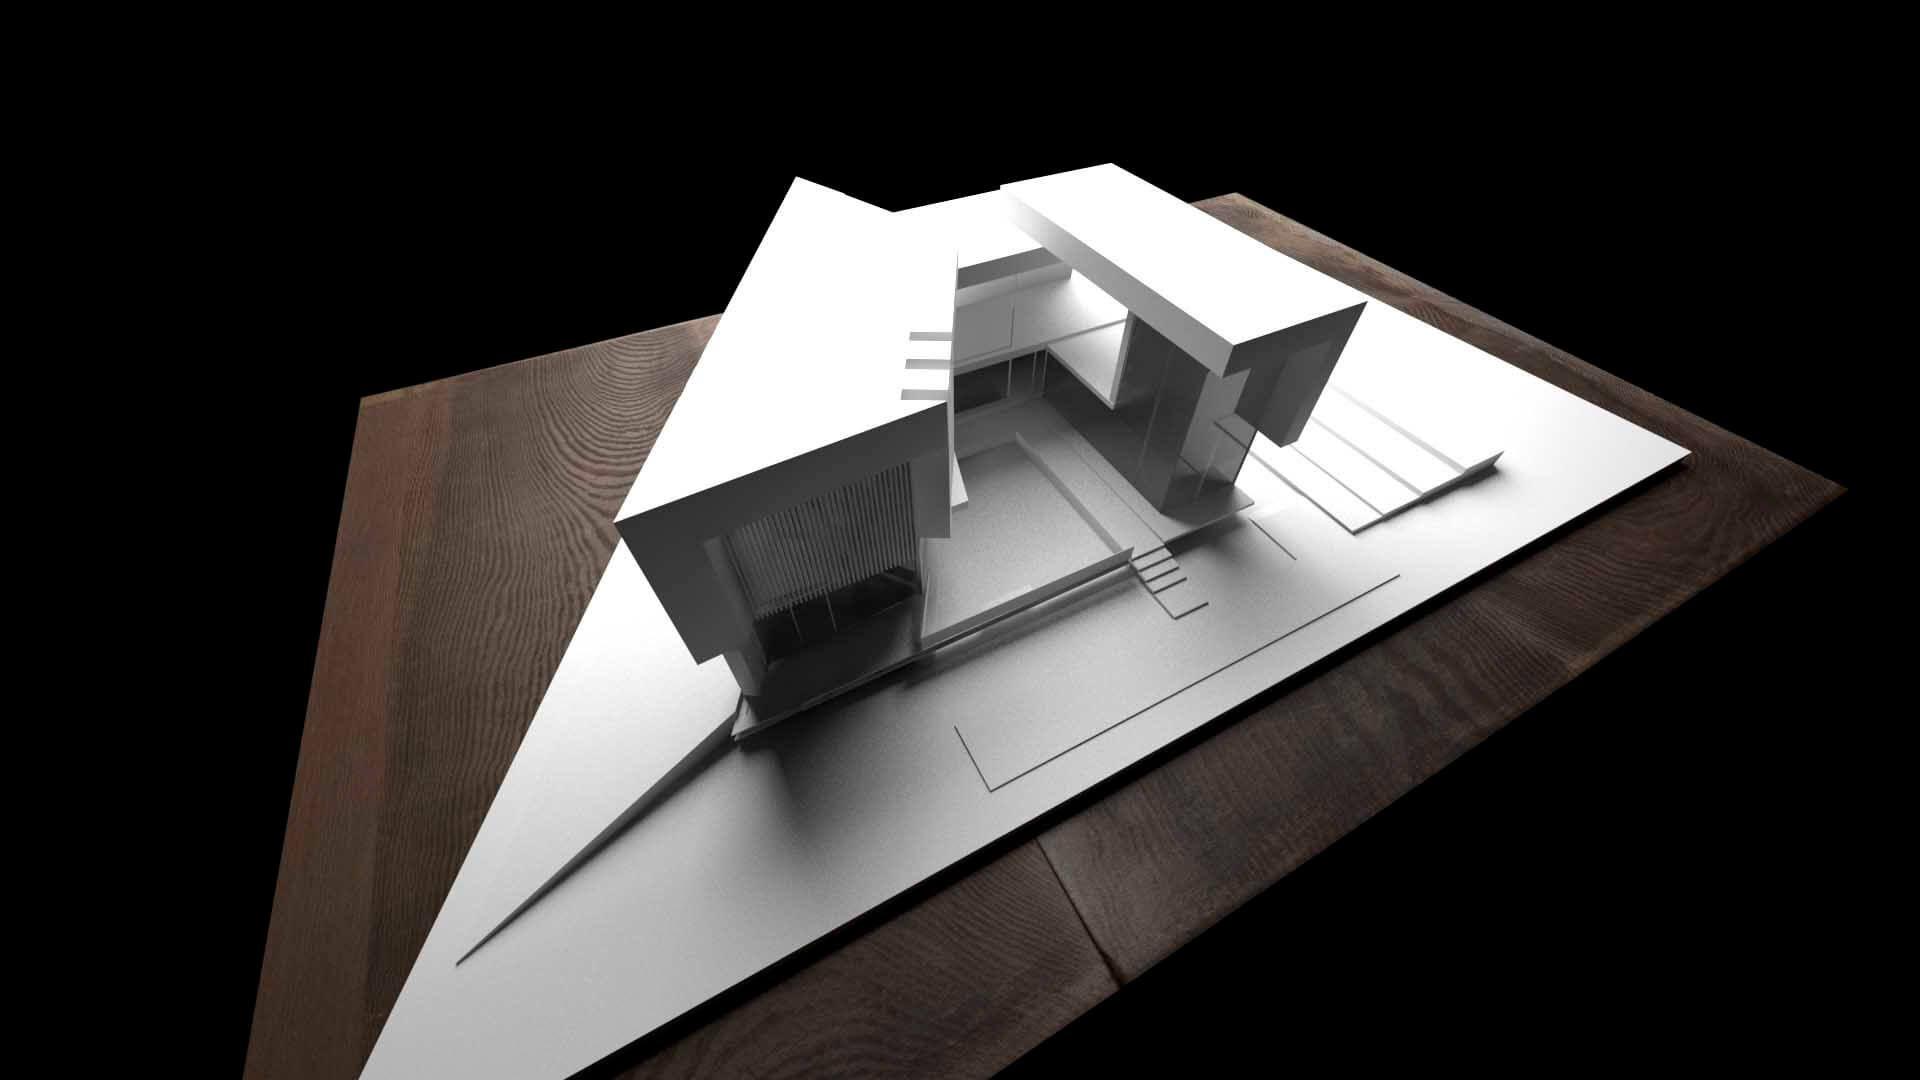 Creato projects h tel diamant maquetas arquitectura for Casa minimalista maqueta